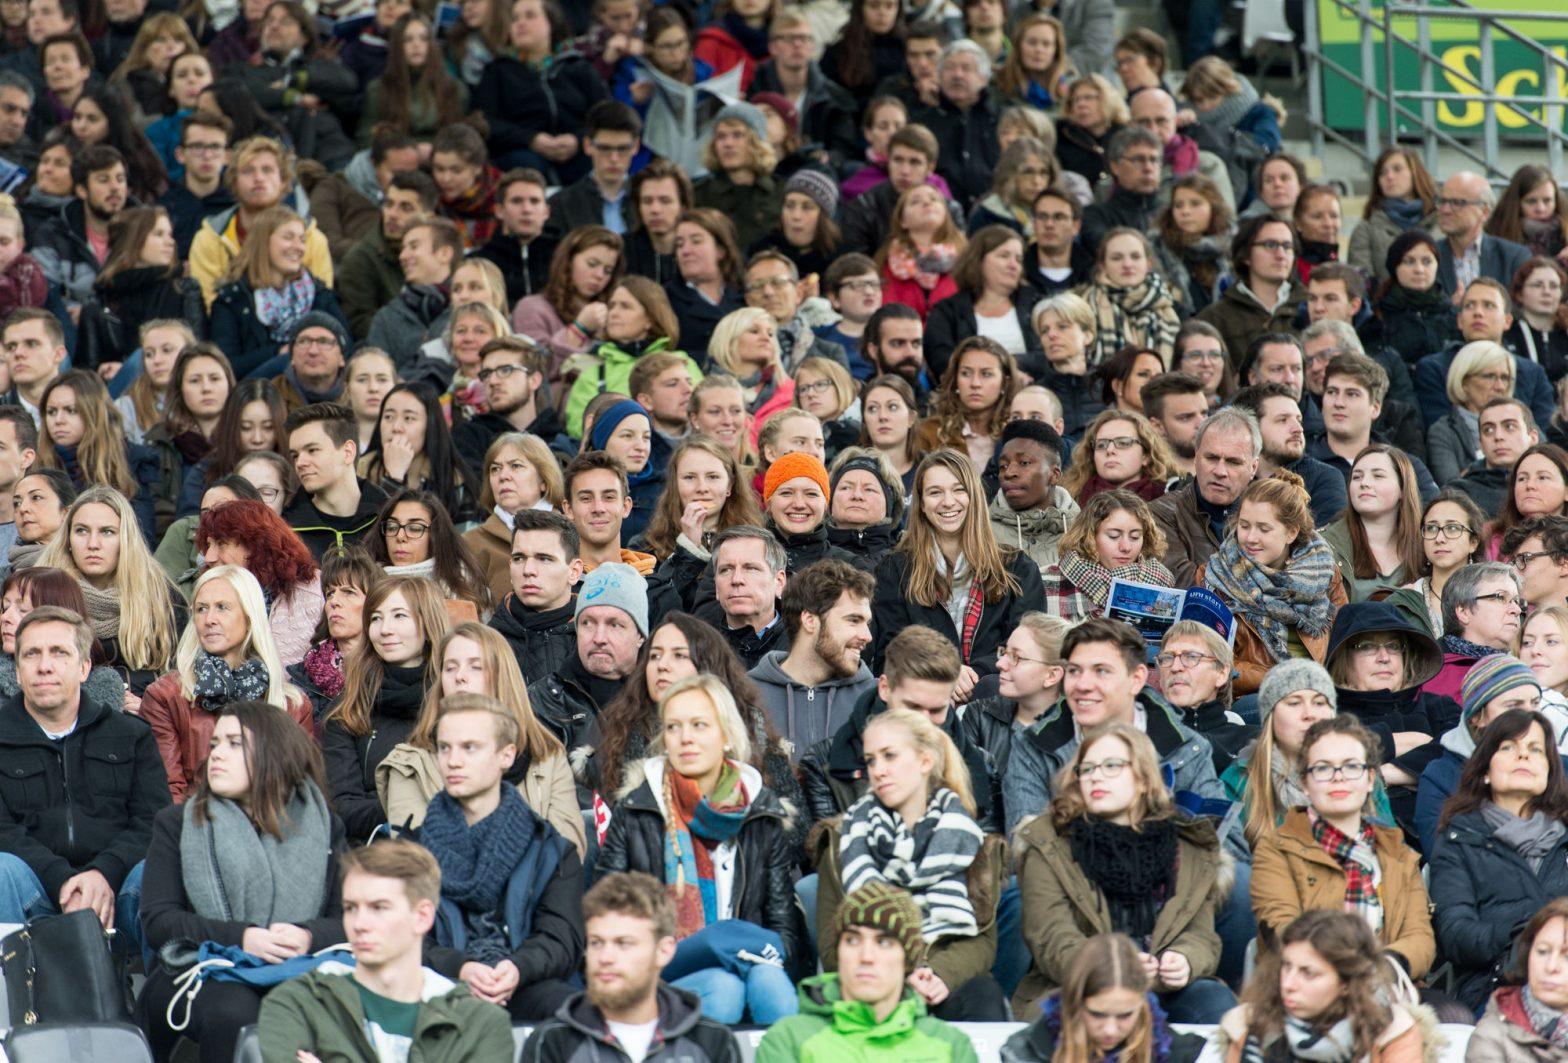 Erstsemesterbegrüßung im Schwarzwaldstadion